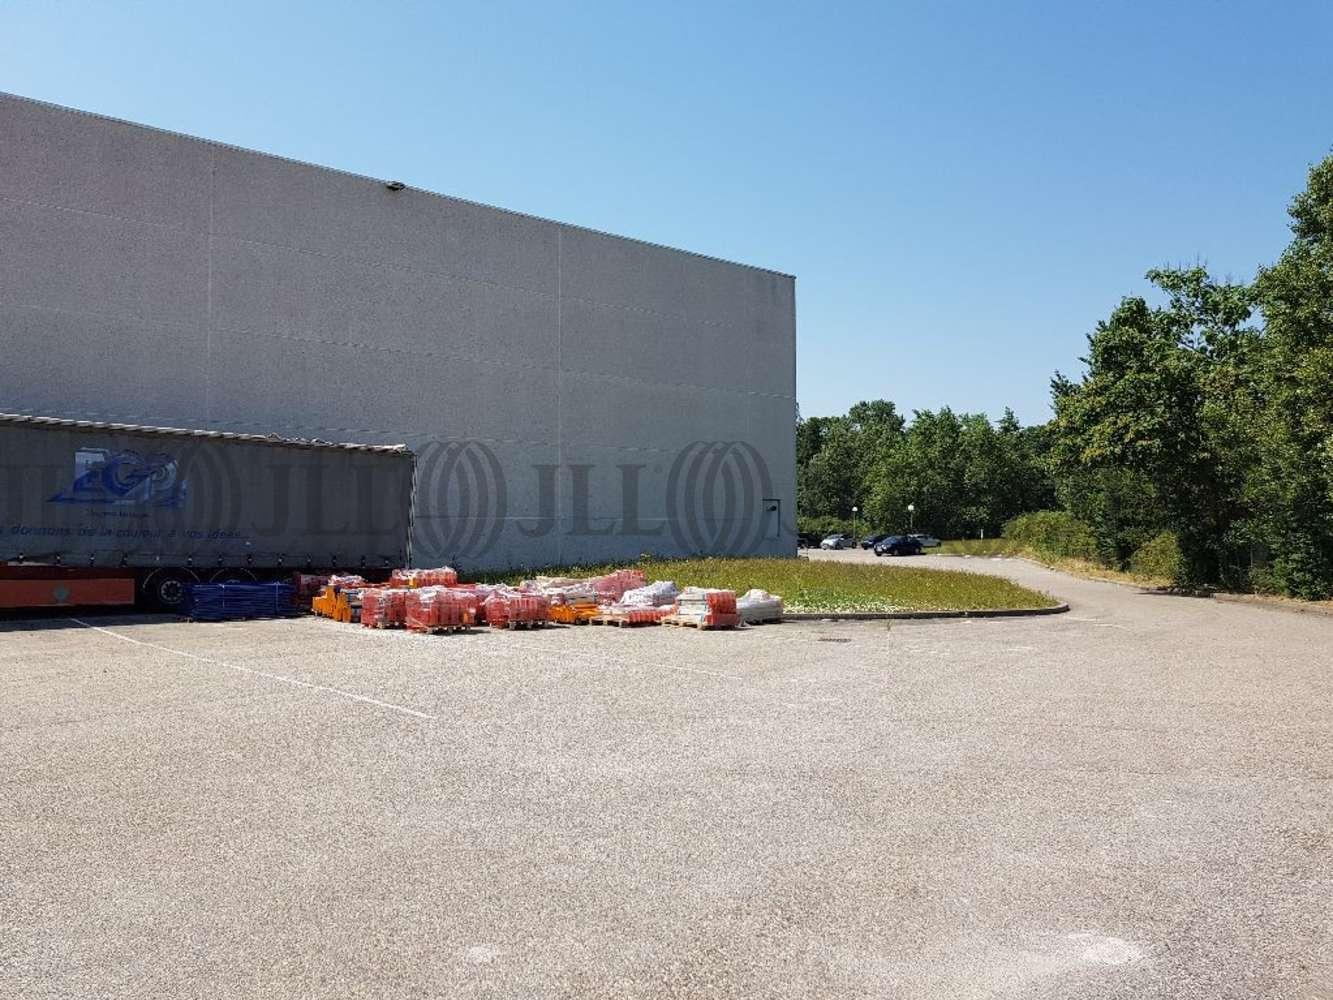 Plateformes logistiques La boisse, 01120 - LOCATION ENTREPOT LYON NORD - AIN